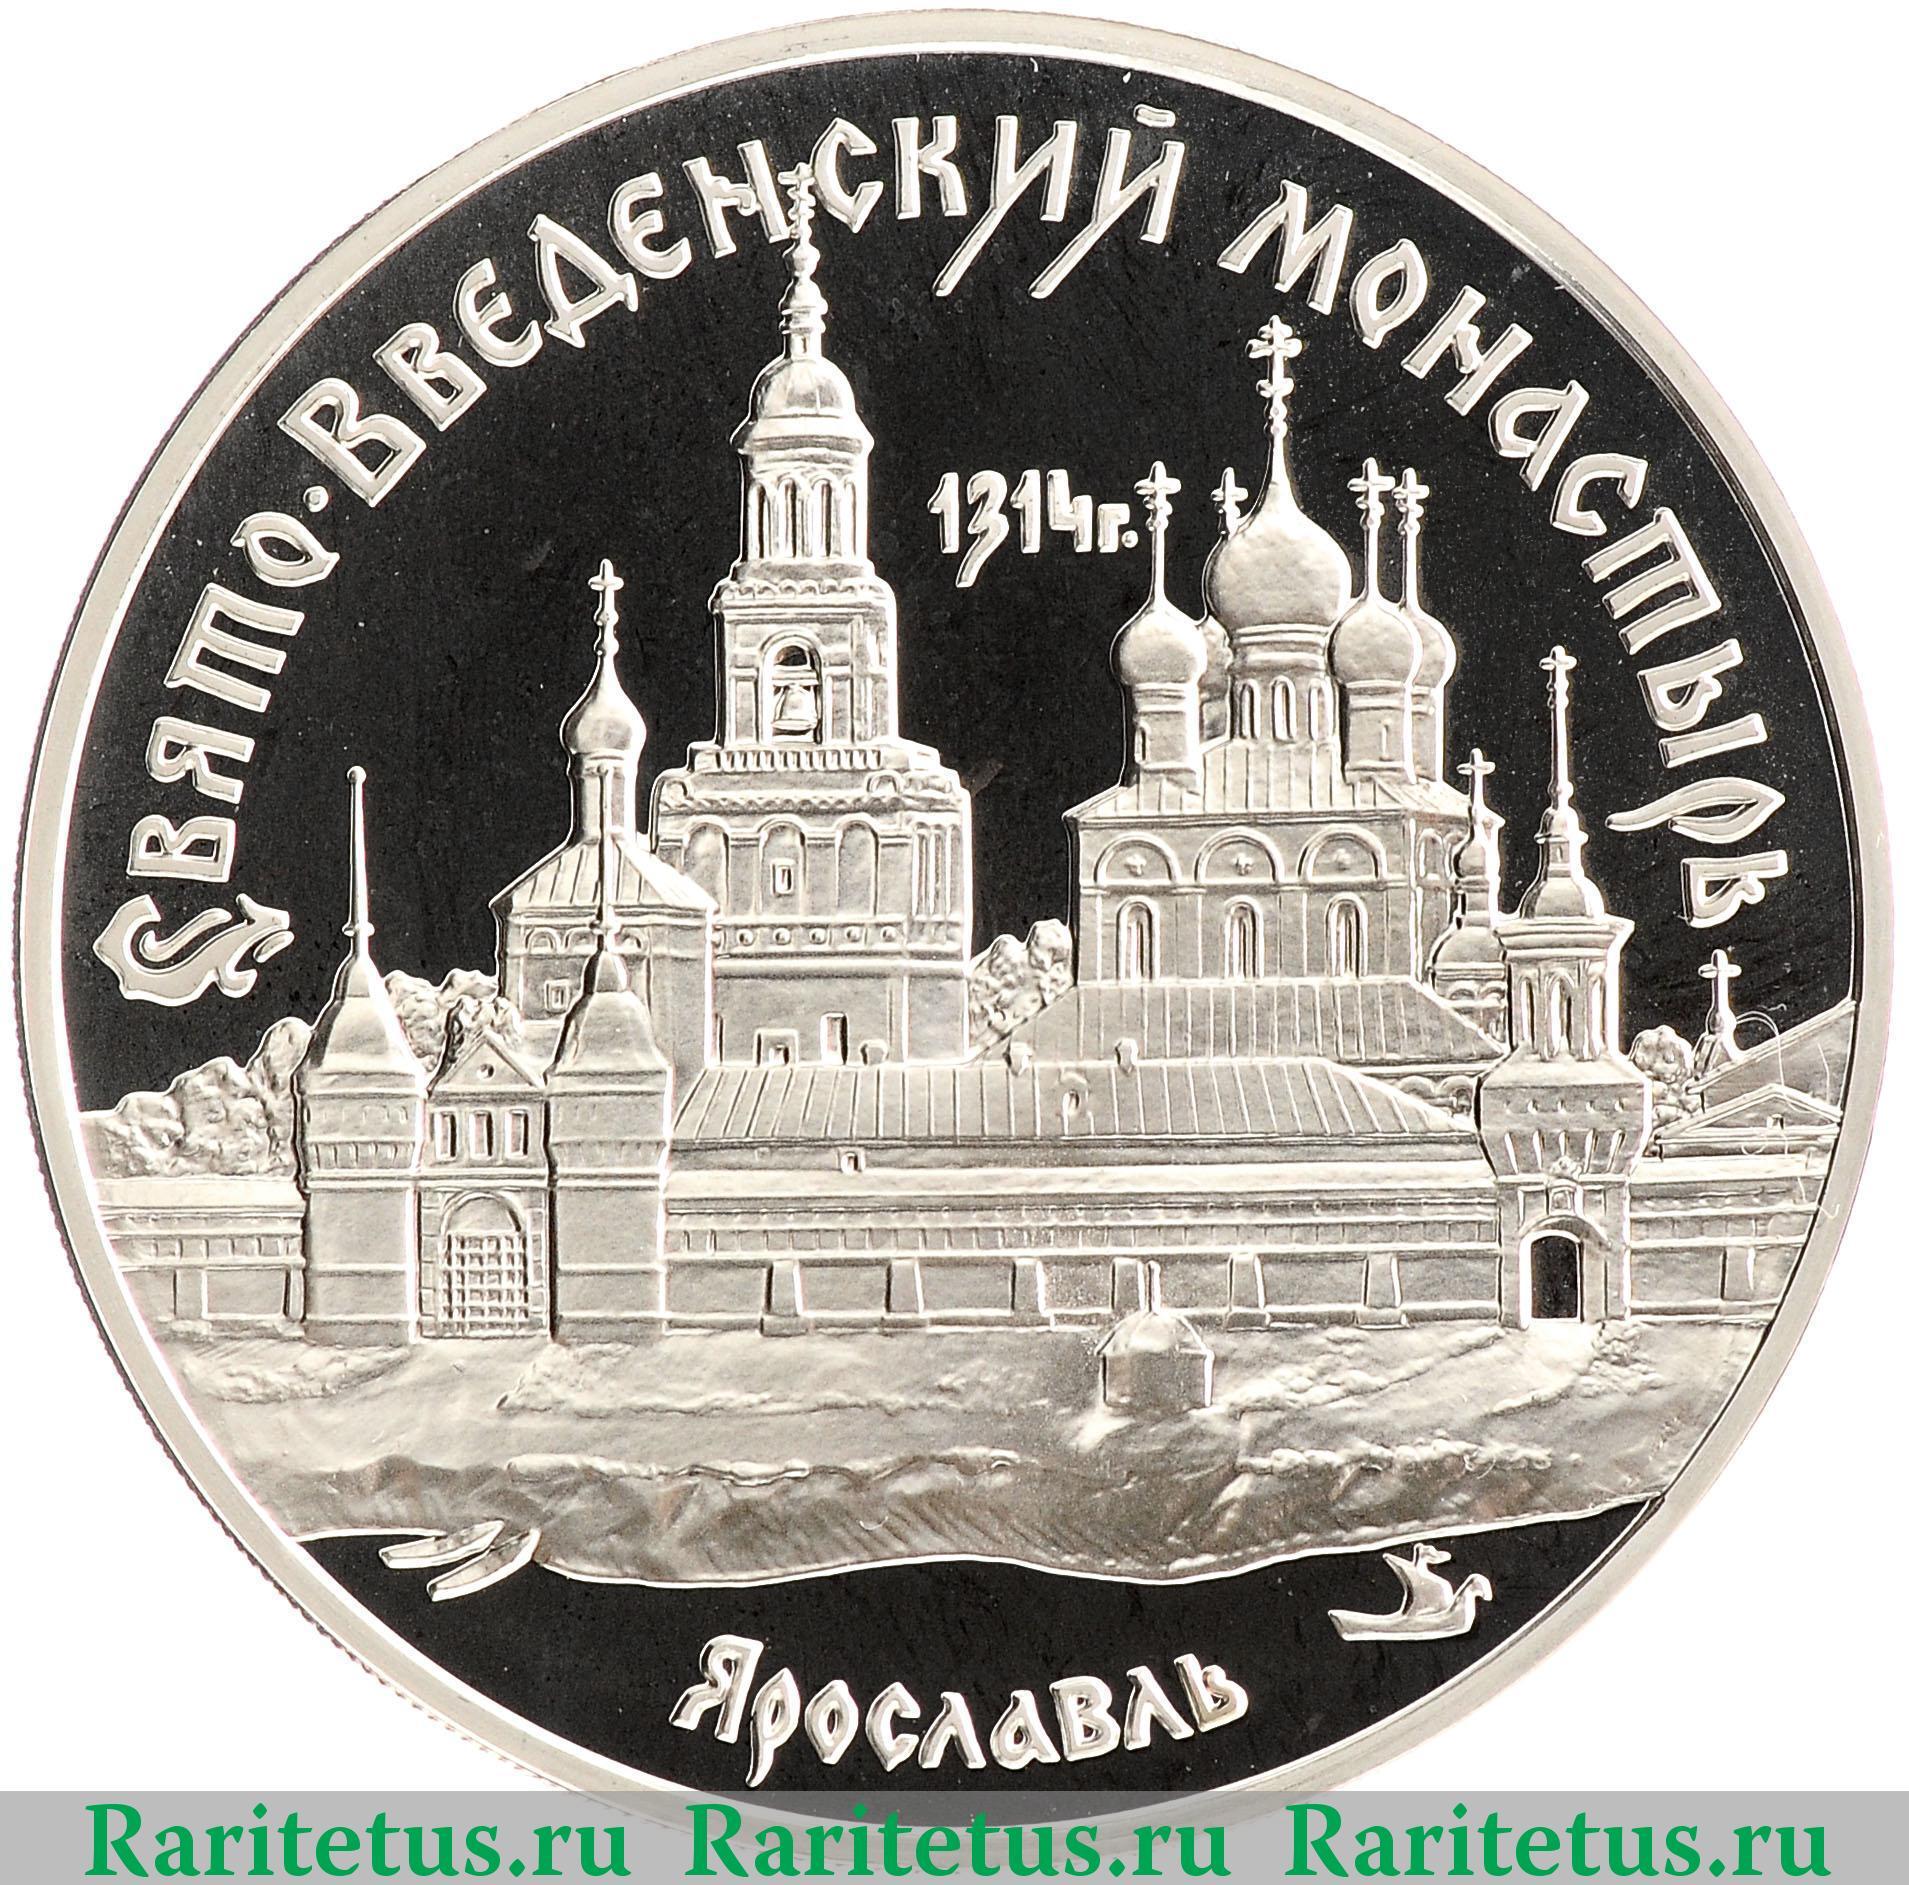 Цена на памятники в ярославле к рублю цена на памятники в туле ш